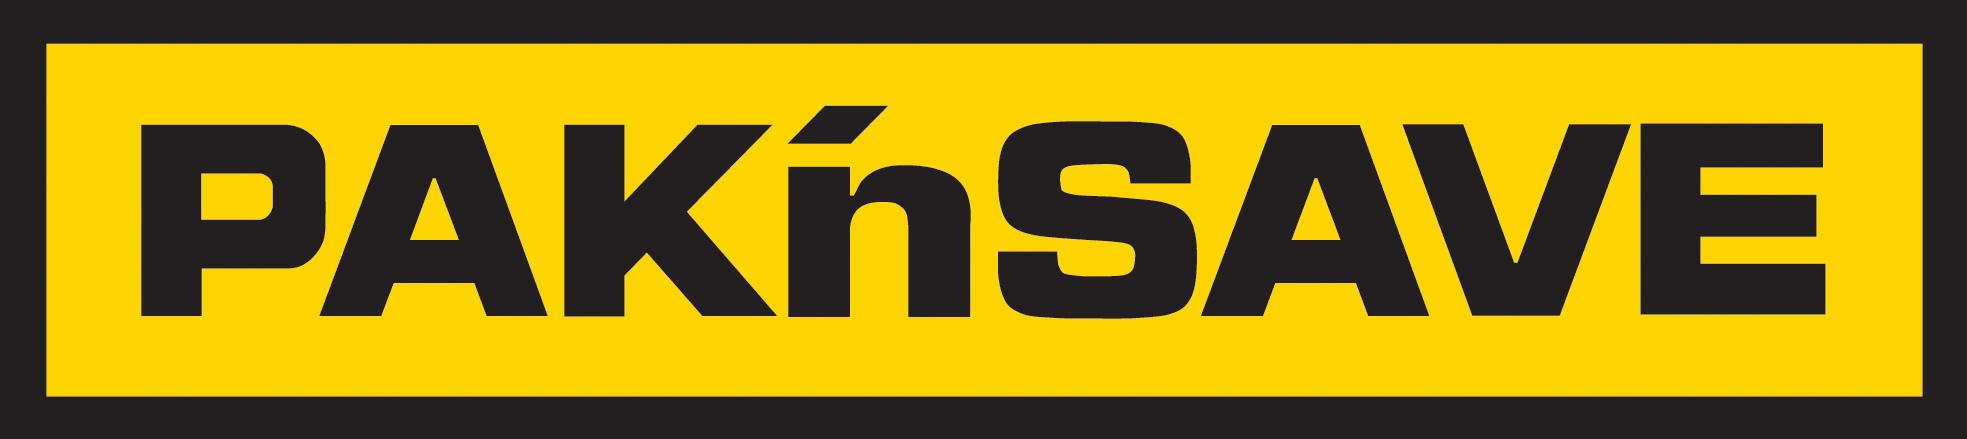 PAK'nSAVE